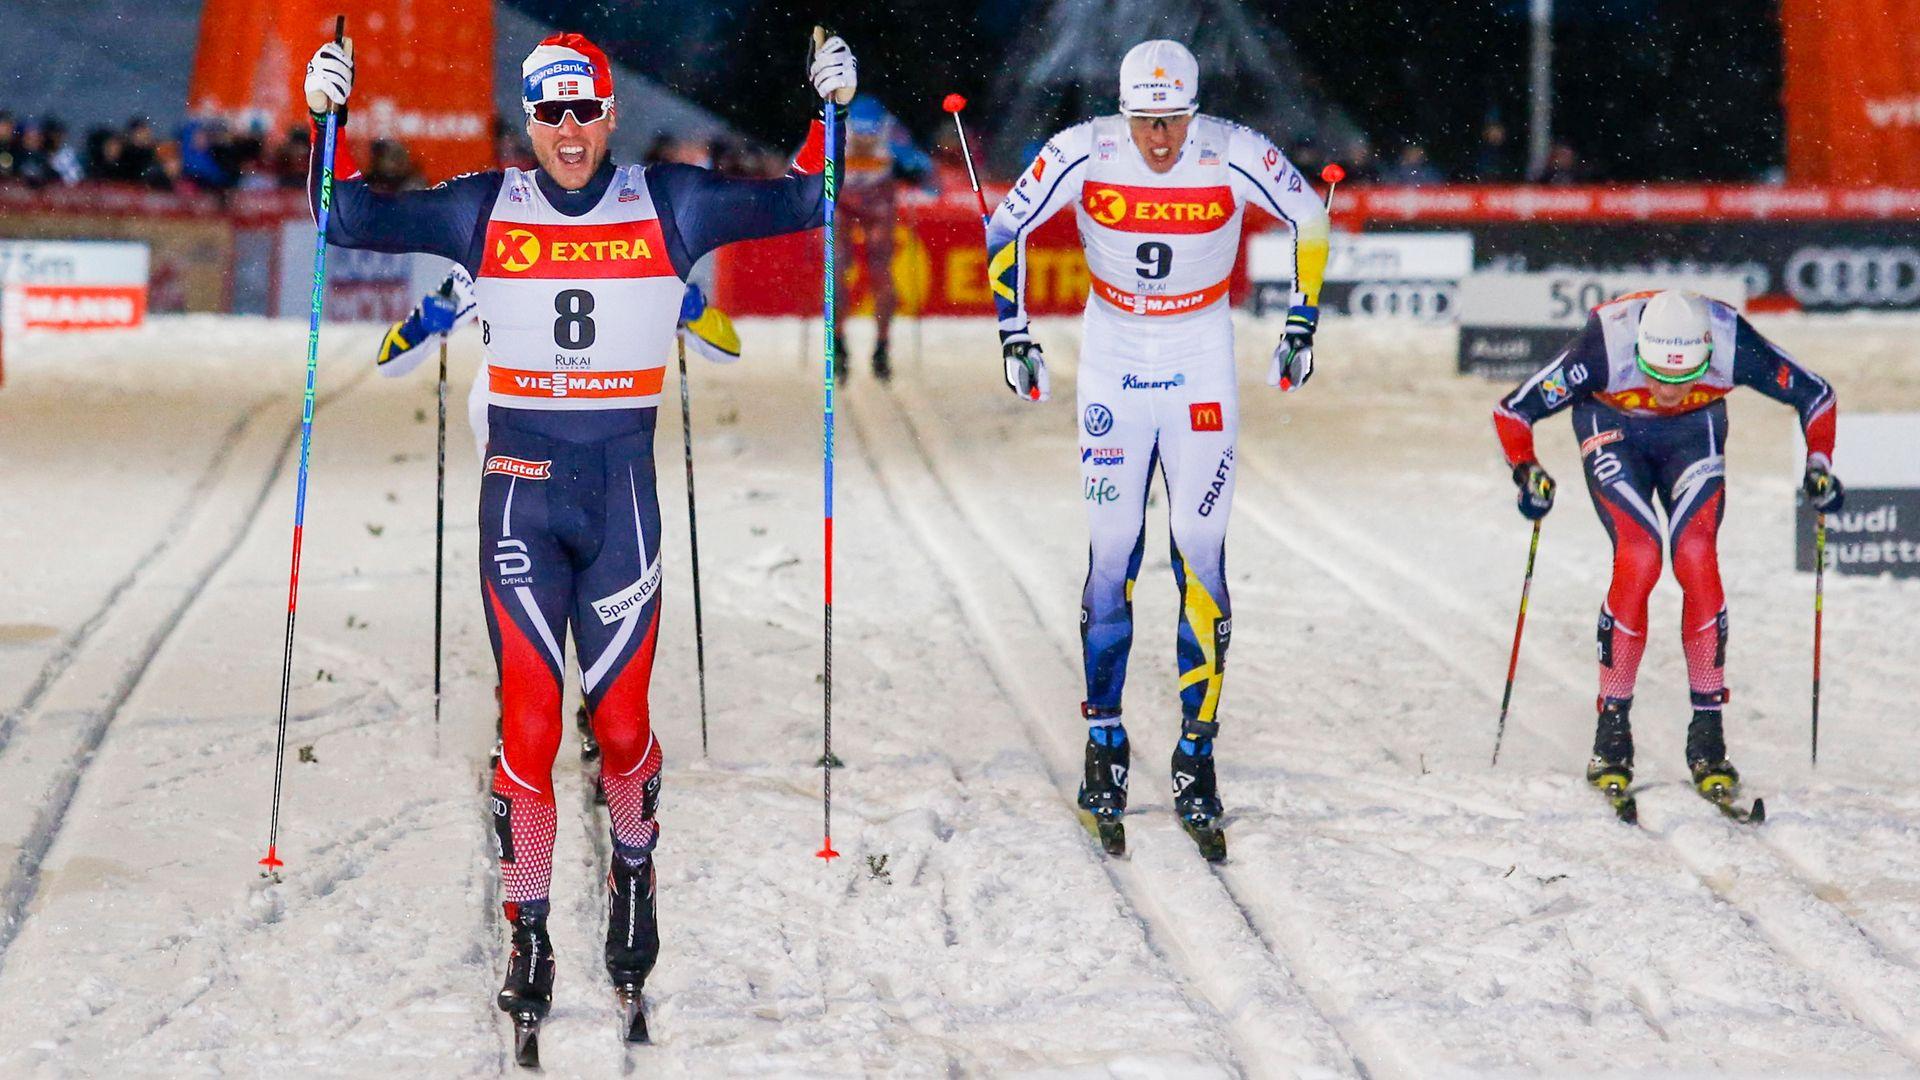 Ruka, Finland 20161126. Pål Golberg (8) vinner foran svenske Calle Halfvarsson  (9) og Johannes Høsflot Klæbo (th) i lørdagens sprintfinale i verdenscupåpning i Ruka. Foto: Terje Bendiksby / NTB scanpix